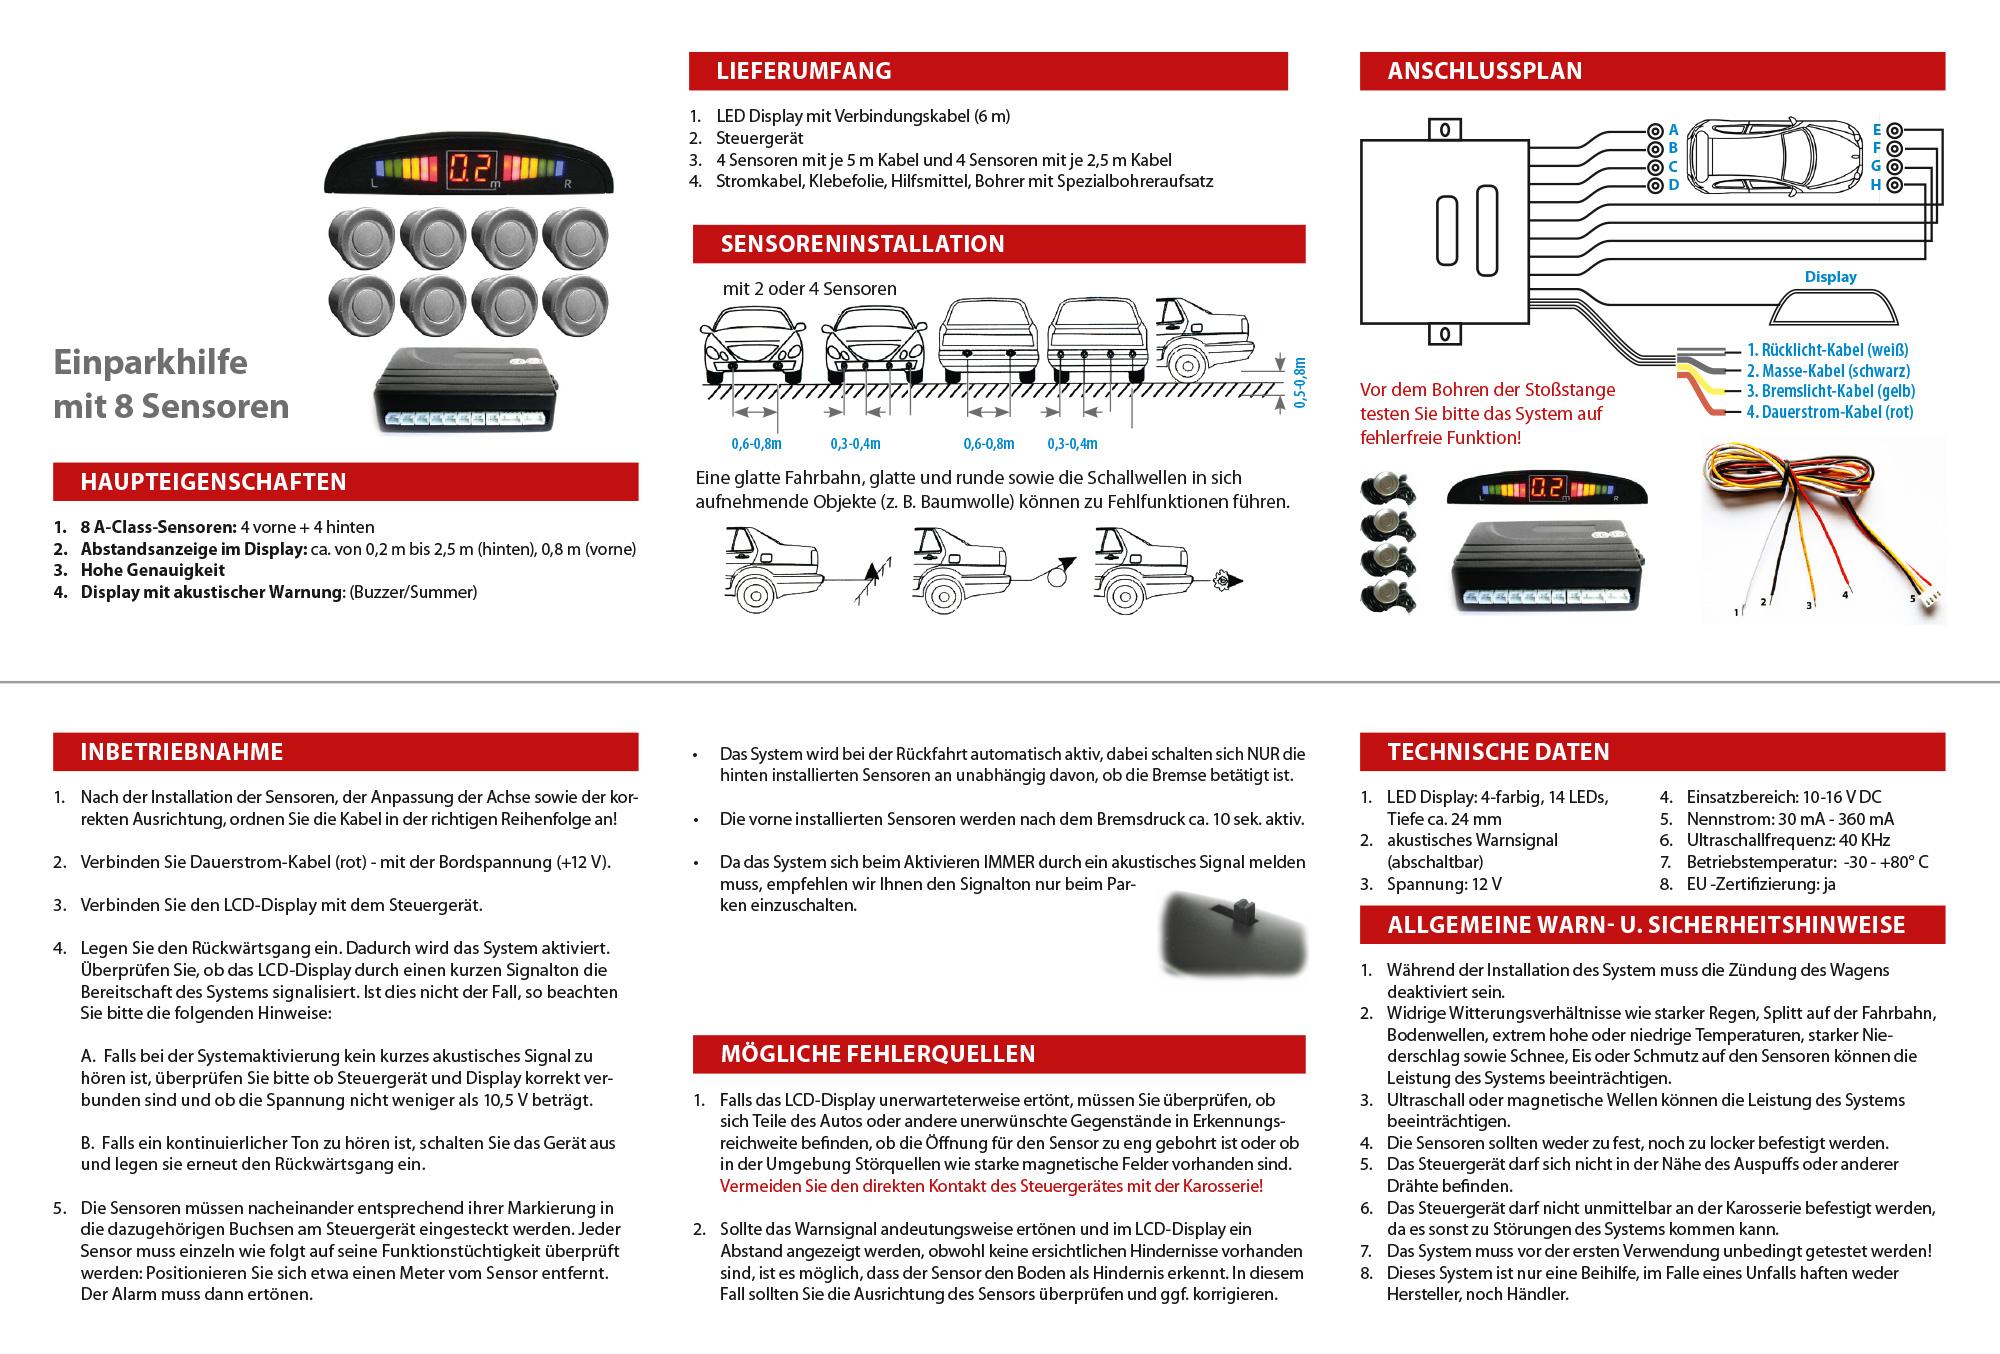 einparkhilfe parkhilfe 8 sensoren 4 vorne 4 hinten display buzzer ph8 j silber ebay. Black Bedroom Furniture Sets. Home Design Ideas